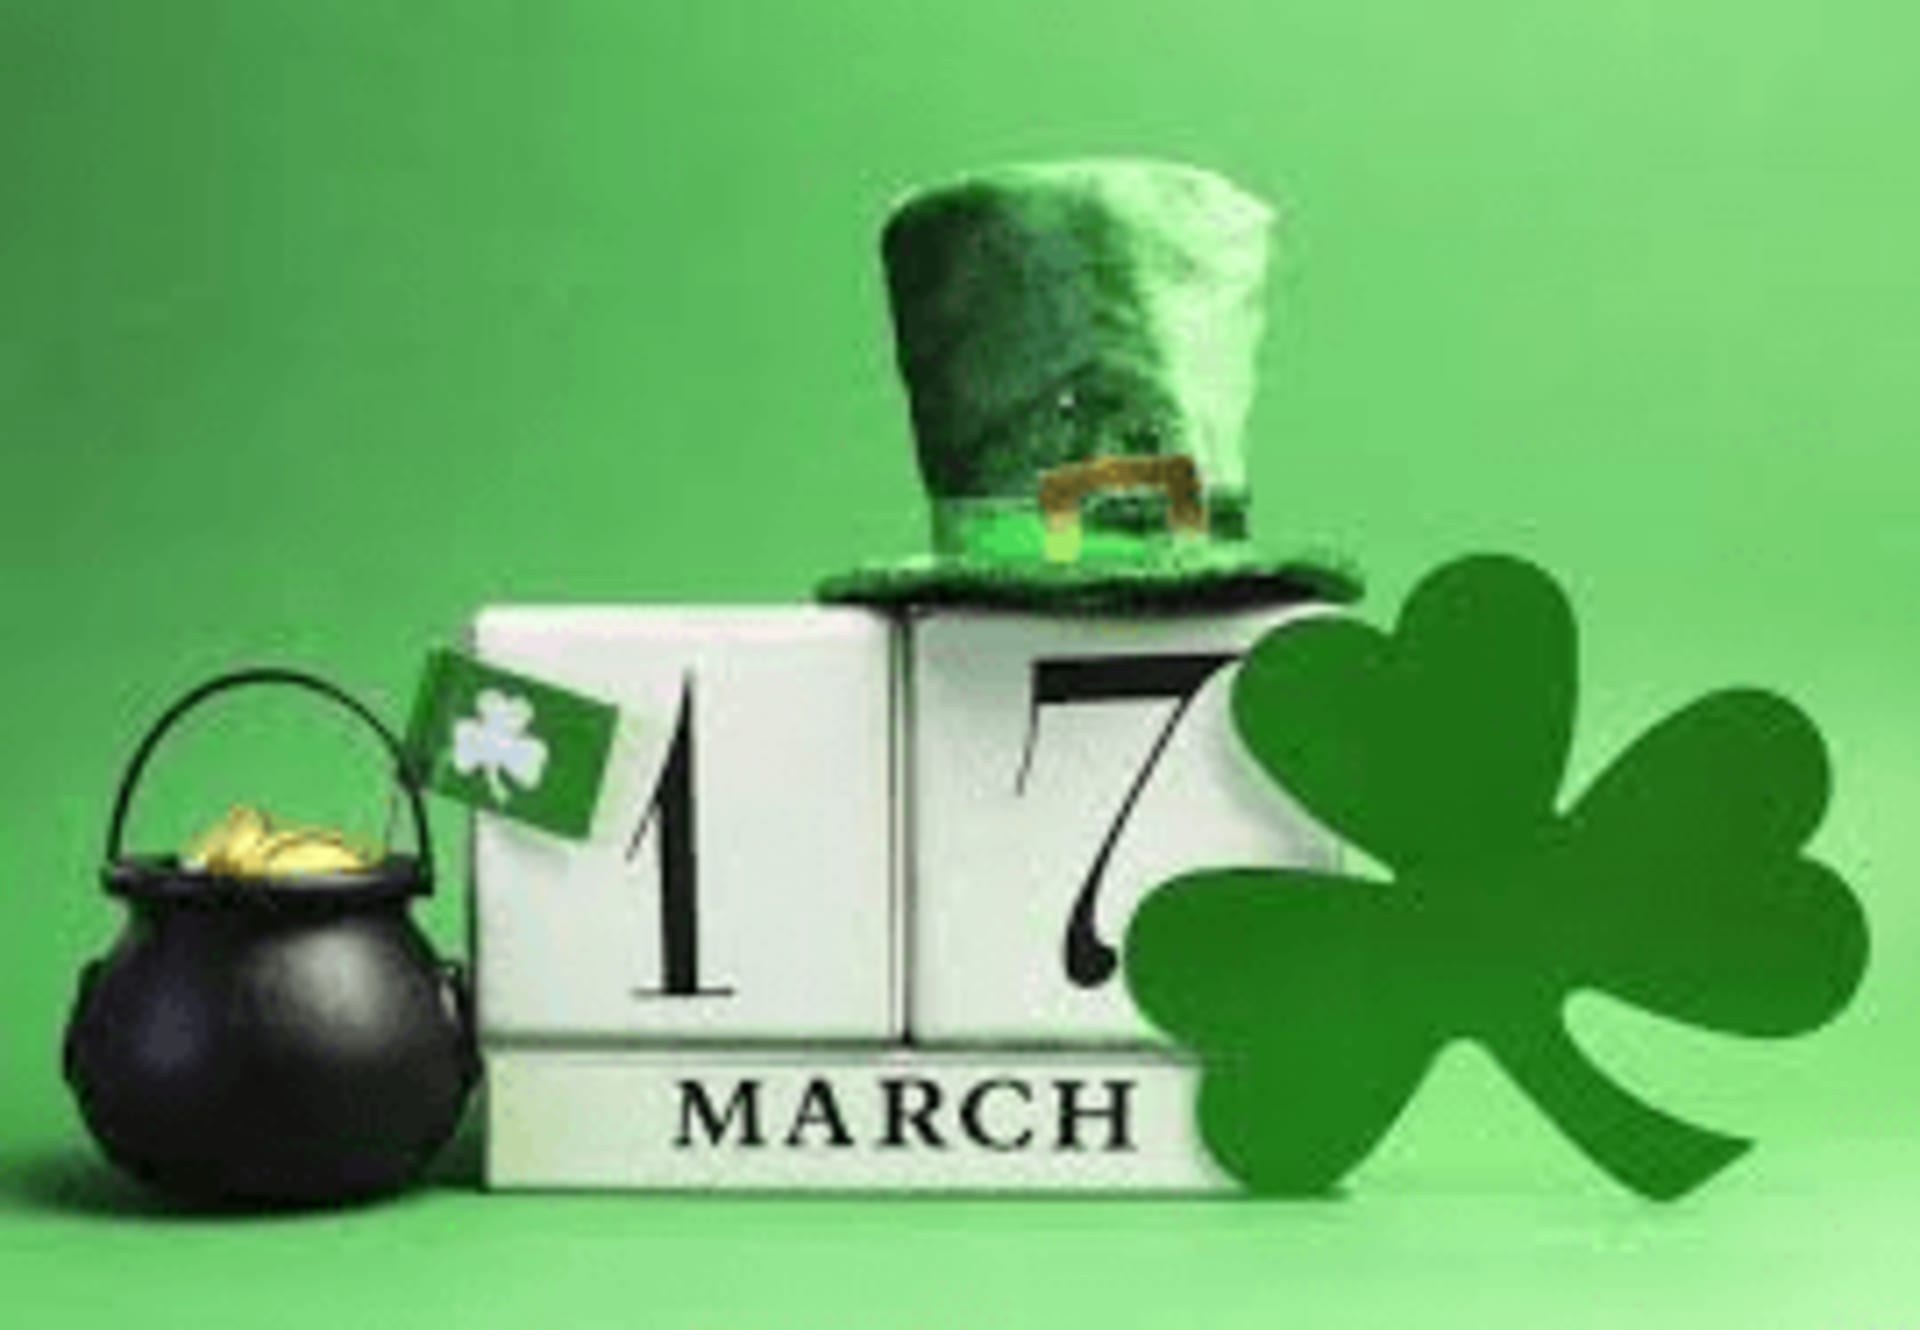 March 17th - St. Patrick's Day Celebration!